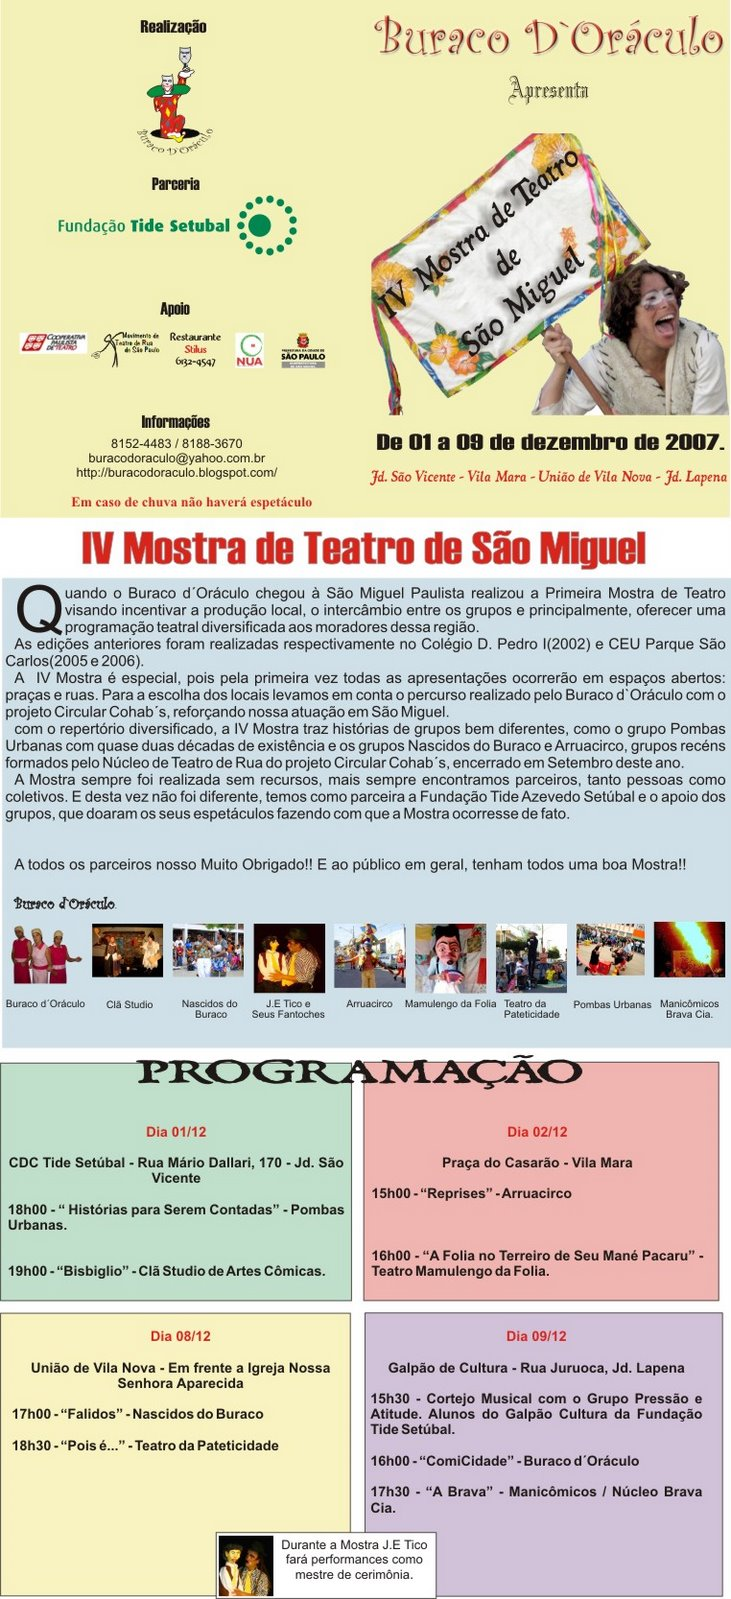 [Folder+2+IV+Mostra+de+Teatro+de+SMP]